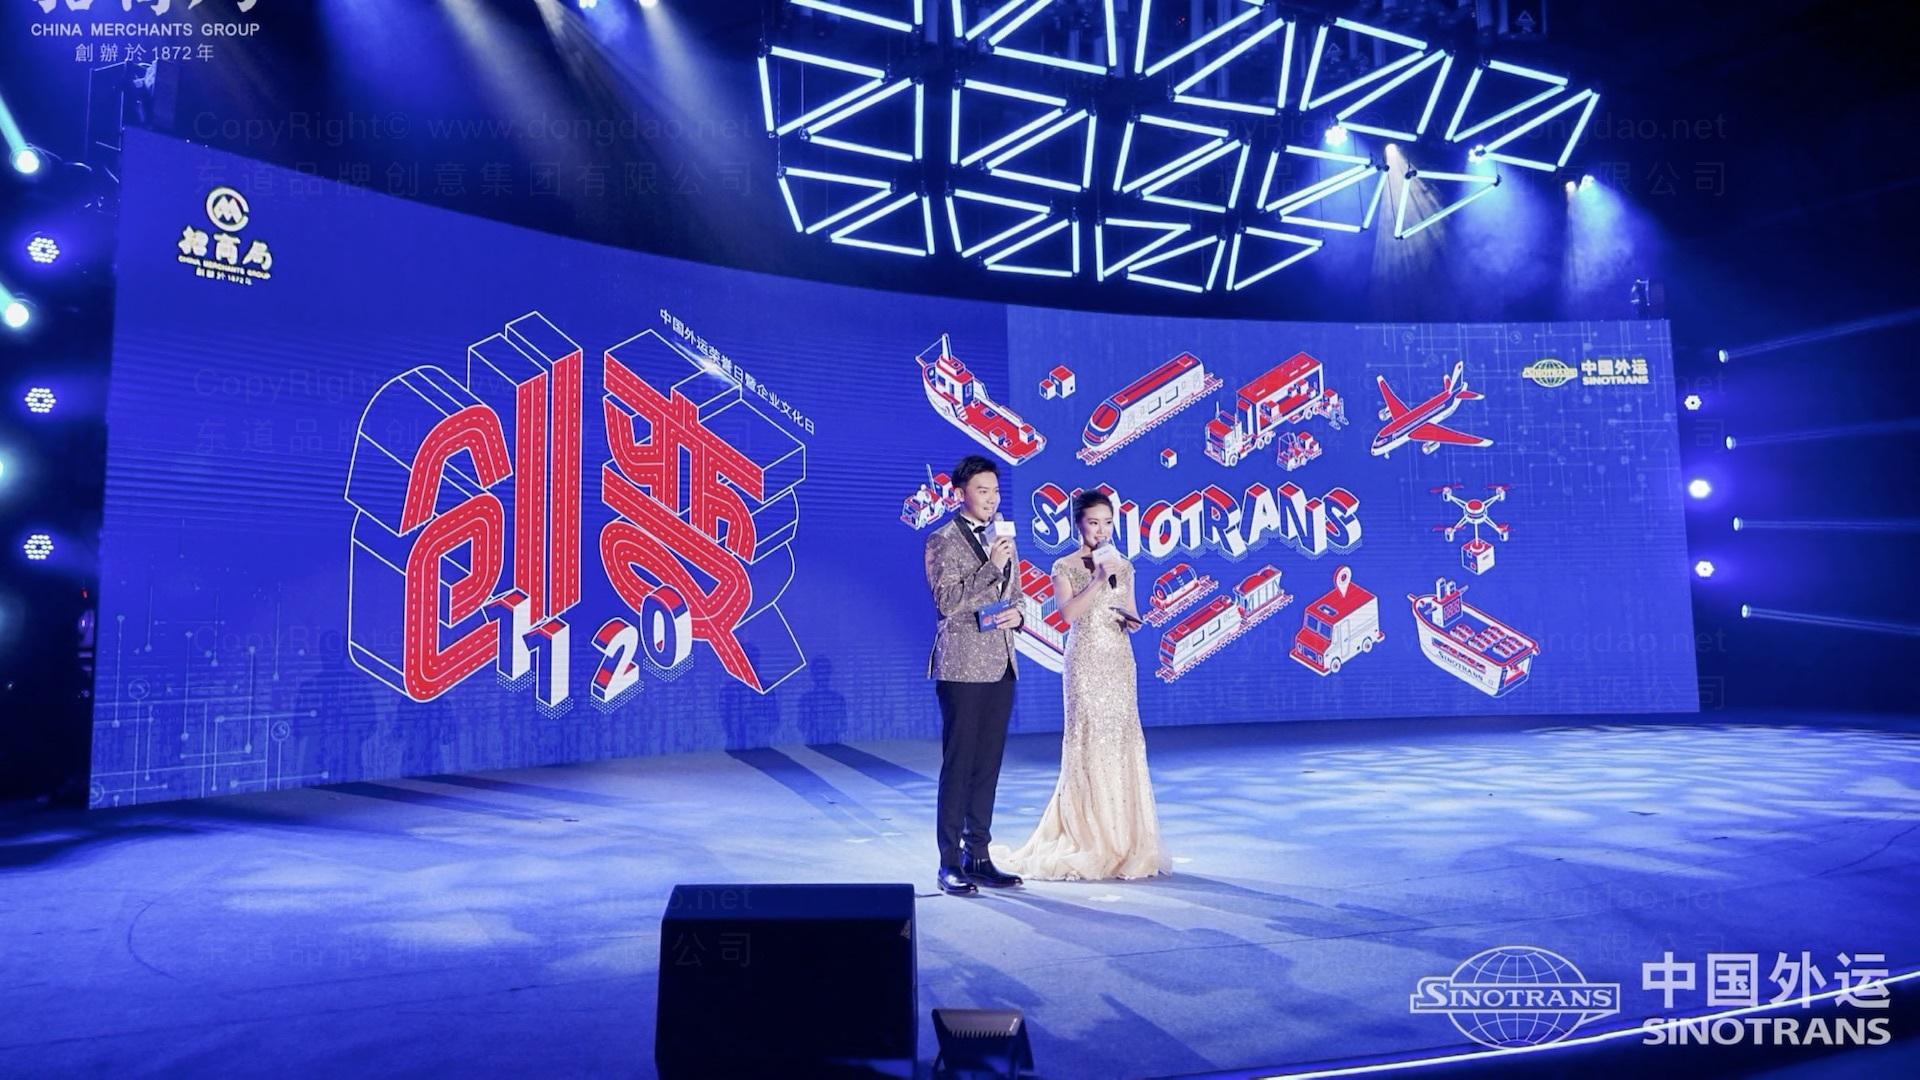 品牌战略&企业文化中国外运企业文化落地项目企业文化手册应用场景_19